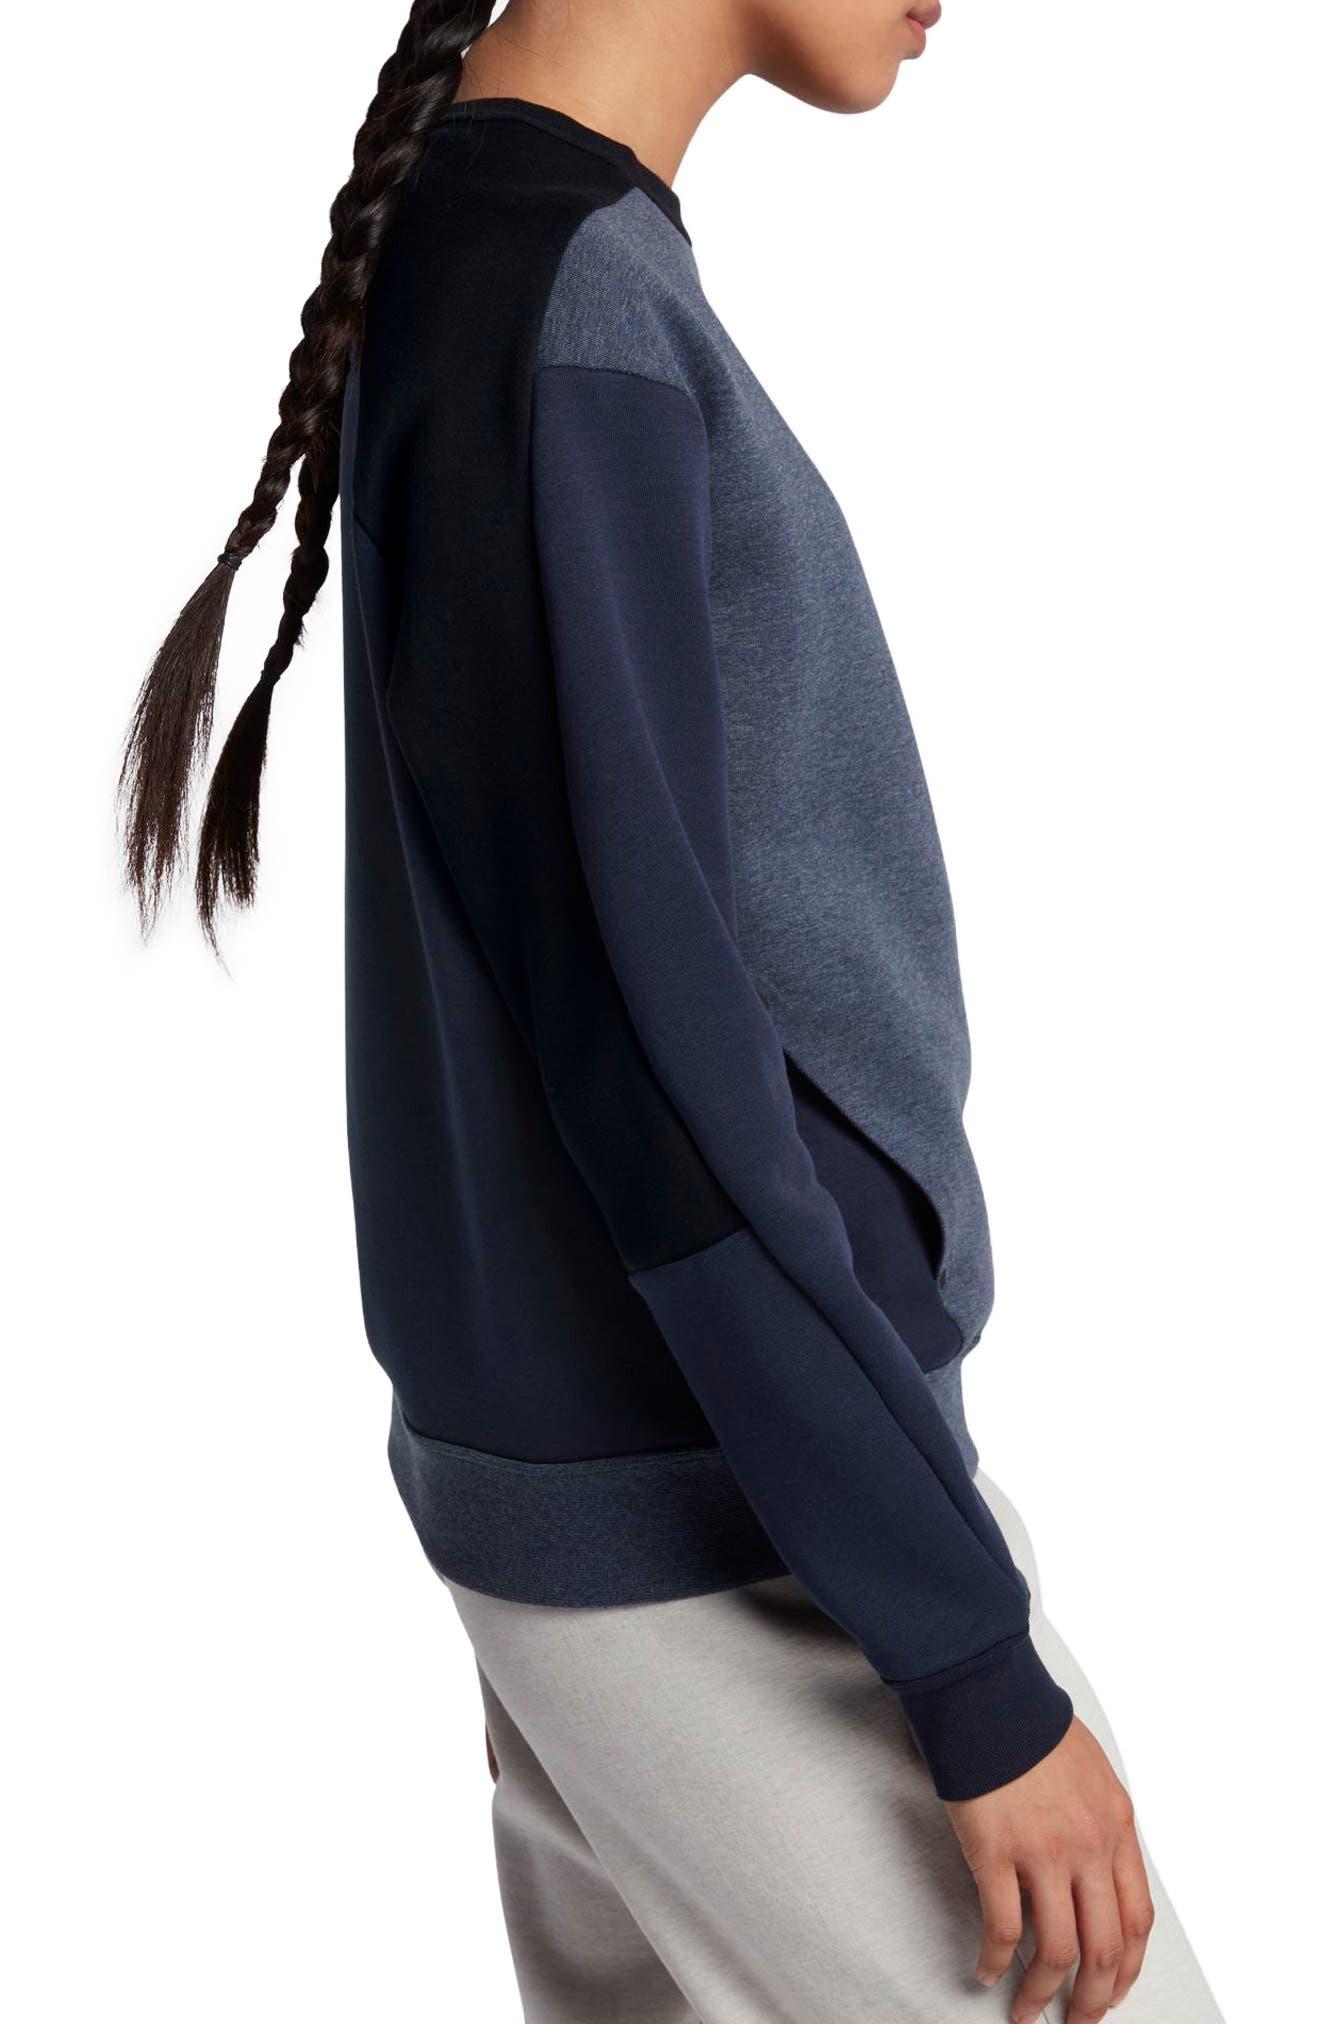 Sportswear Women's Tech Fleece Crew,                             Alternate thumbnail 4, color,                             Obsidian/ Black/ Black